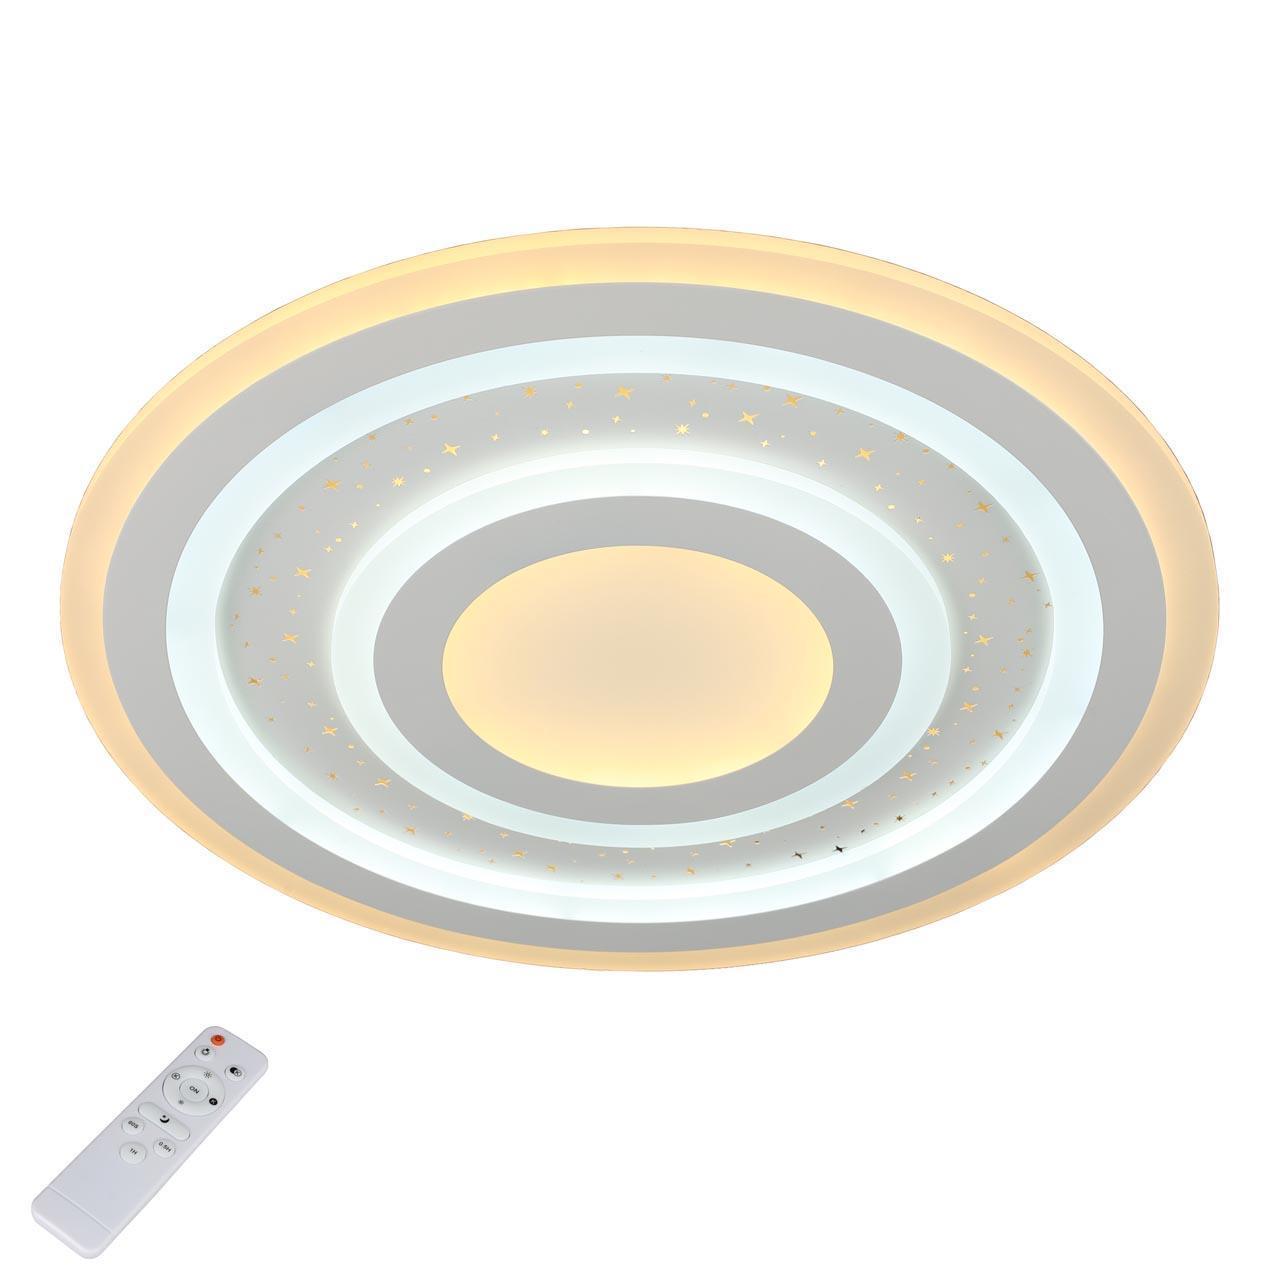 Потолочный светильник Omnilux OML-05907-80, белый потолочный светодиодный светильник с пультом ду omnilux orion oml 43107 60